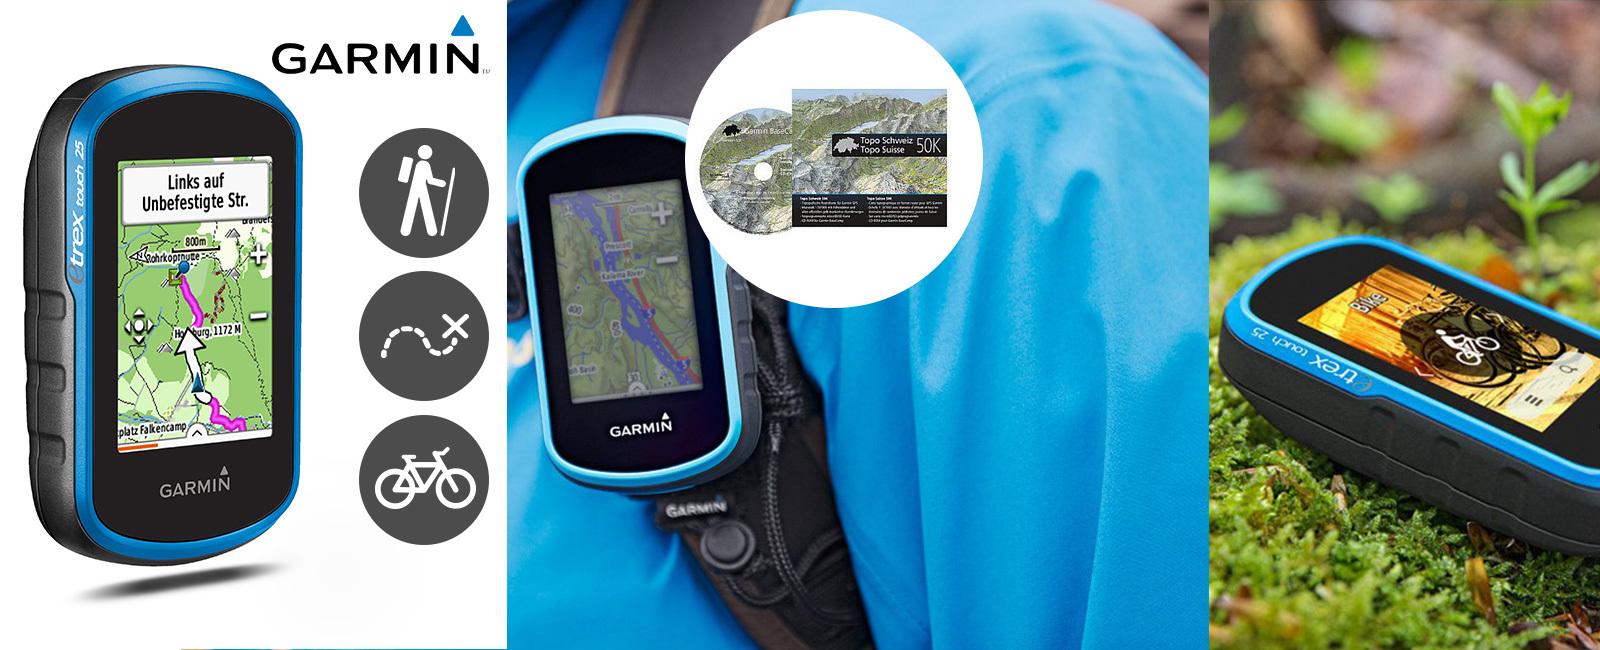 Qsport - Garmin eTrex® Touch 25 carte Topo Suisse 50k incluse!